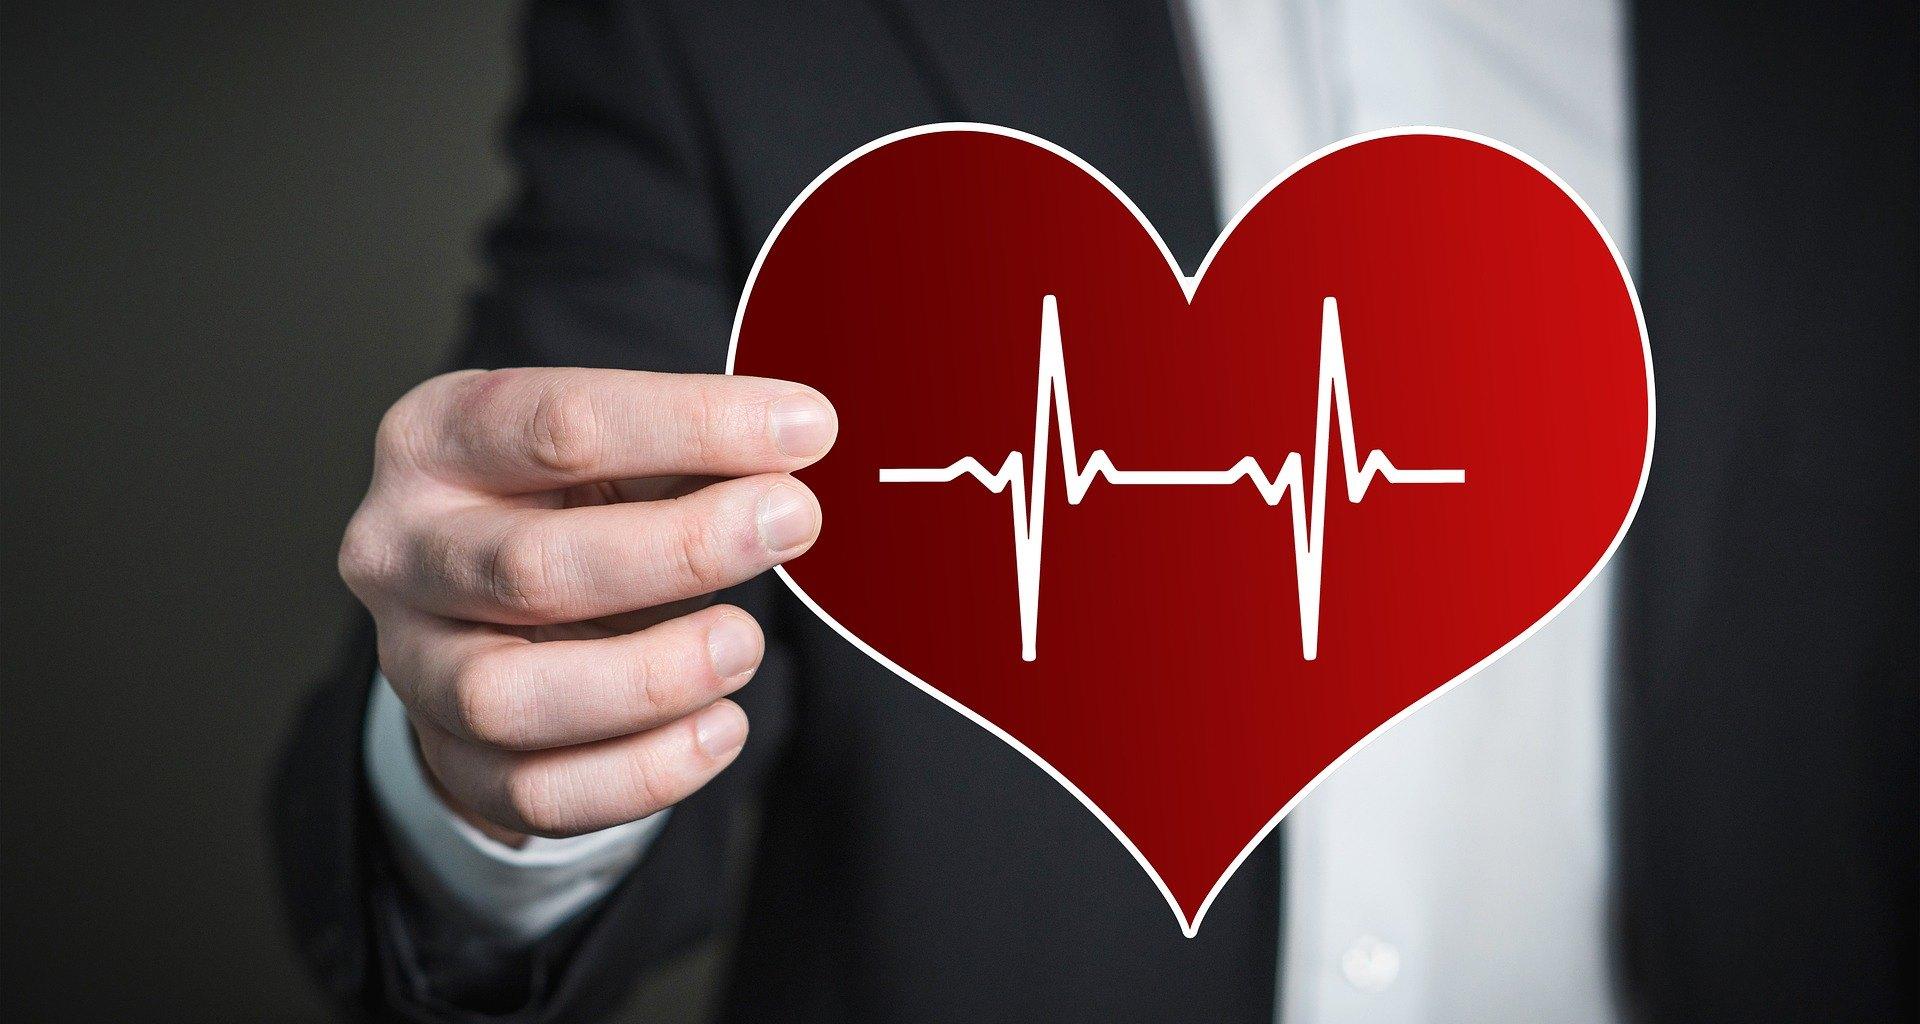 Определенный тип сна может быть предупреждением о сердечном приступе